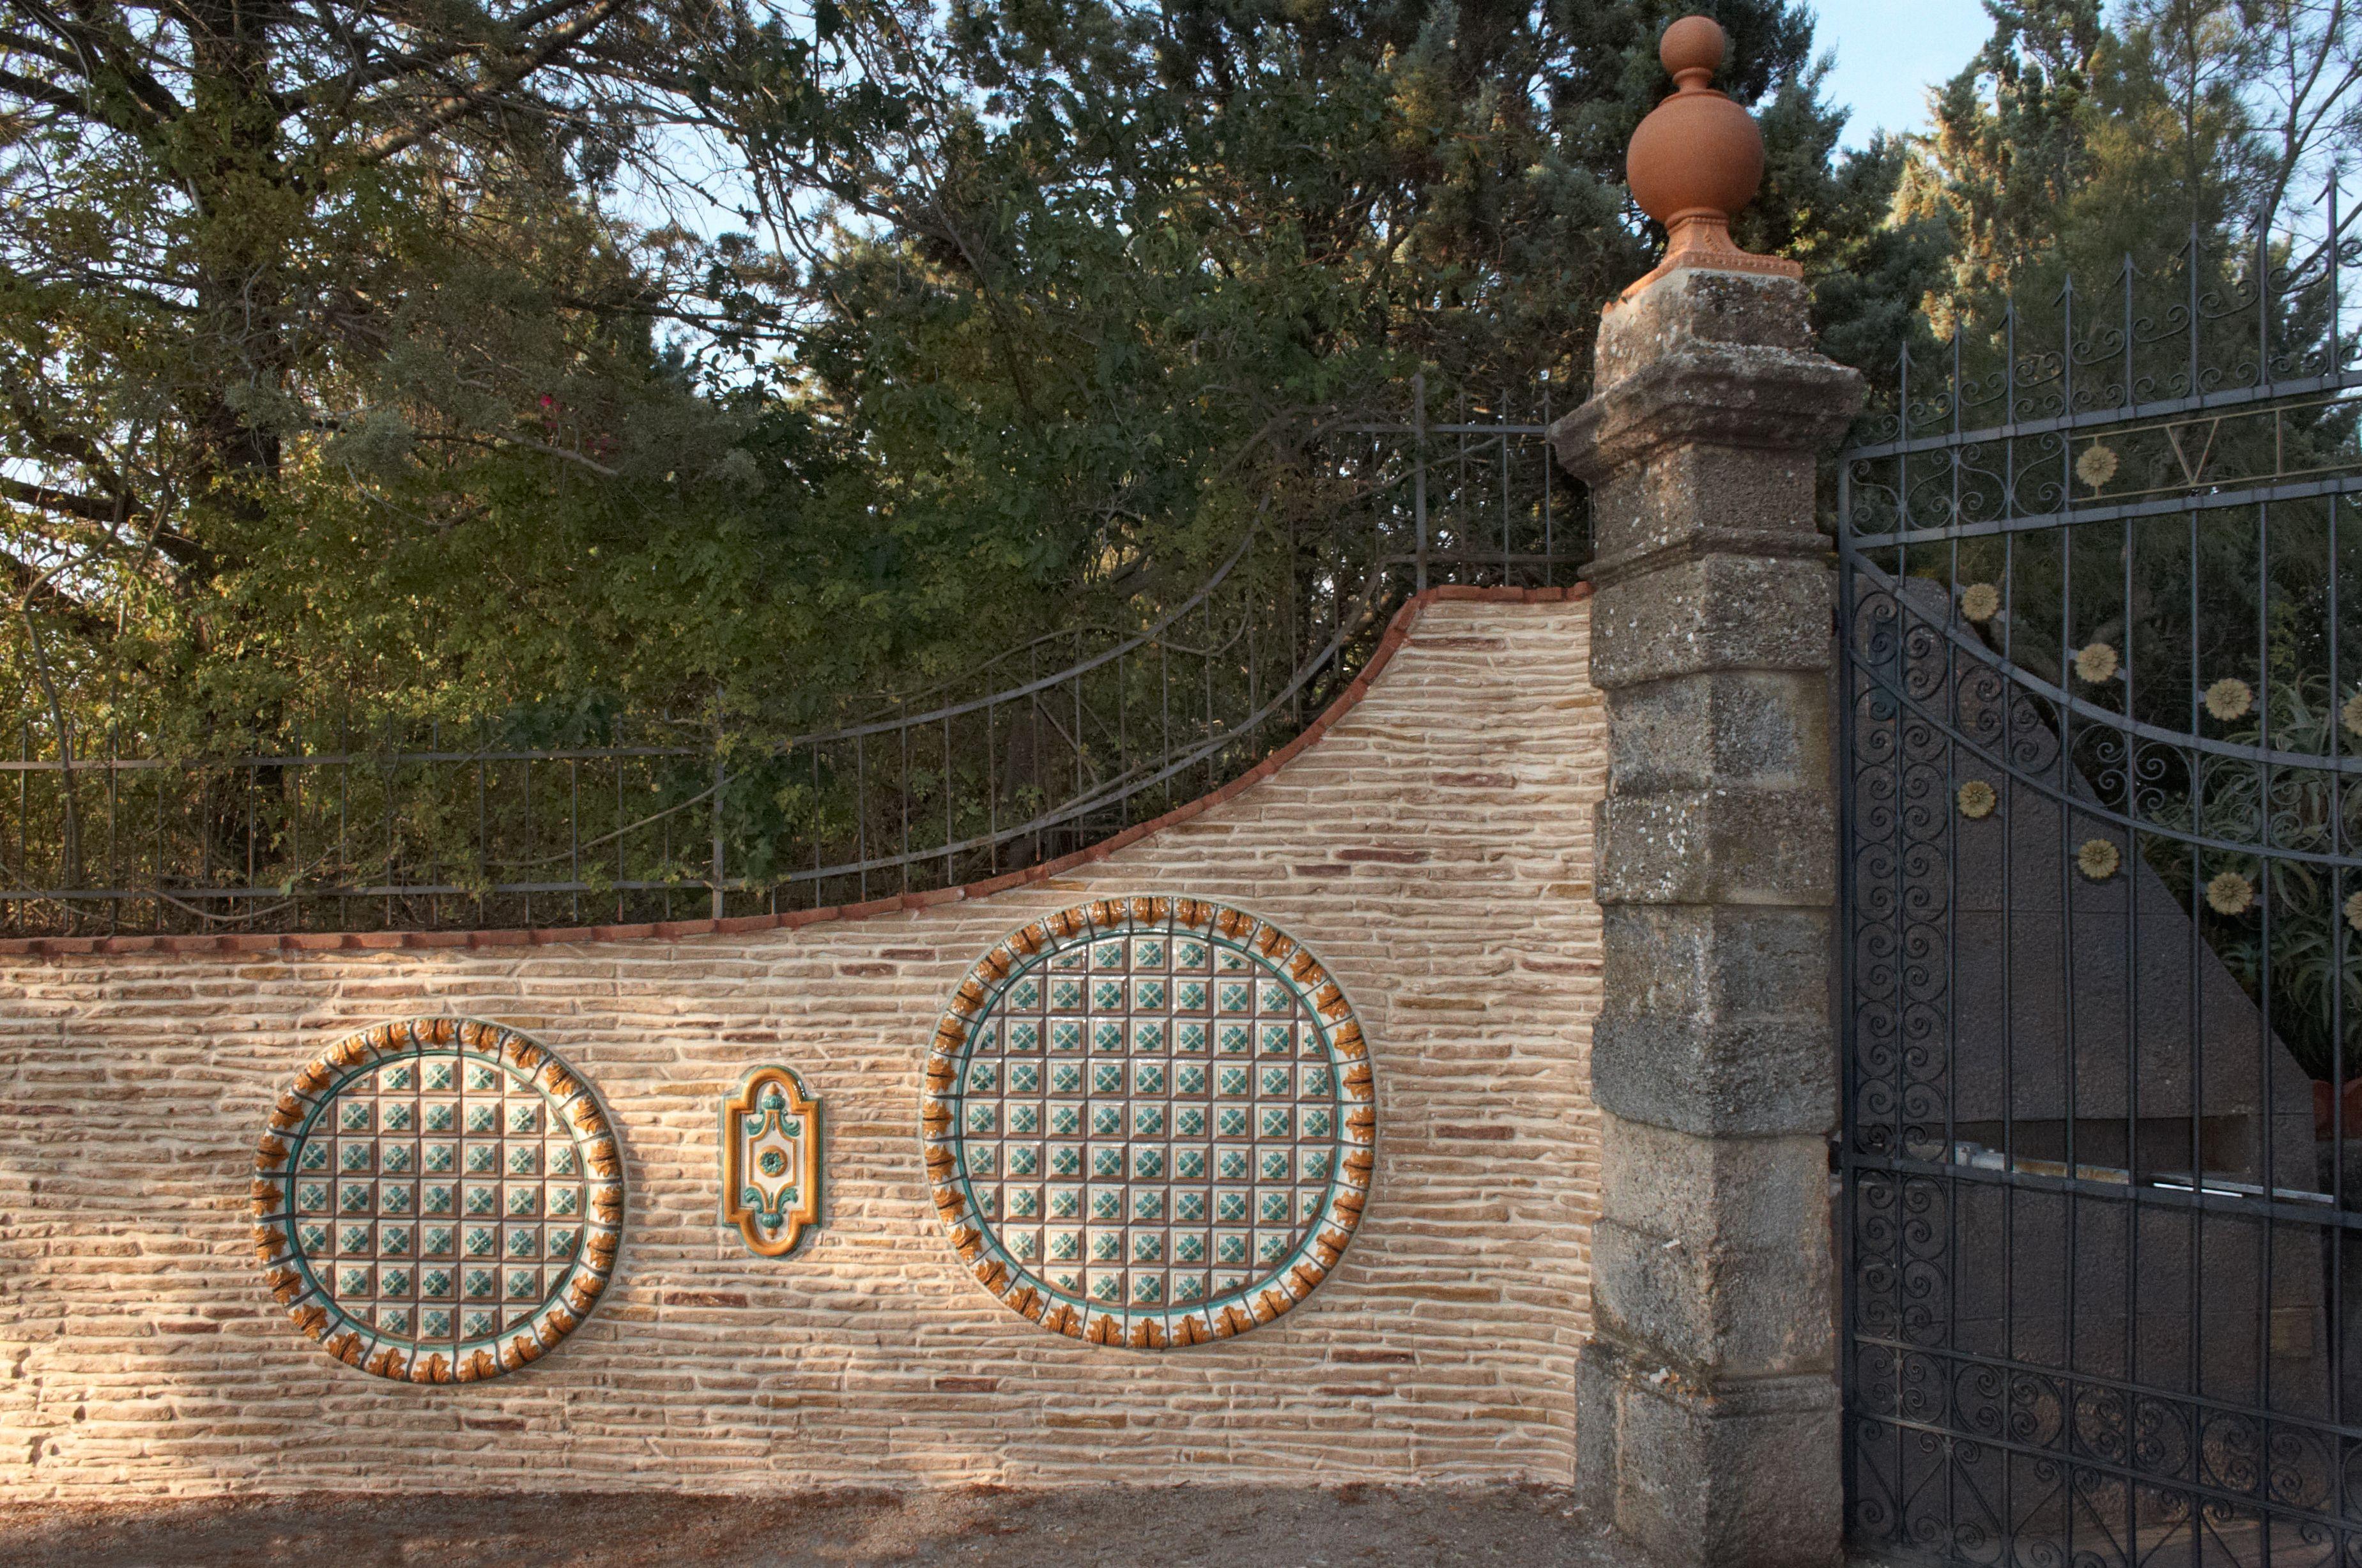 Muro Stampato per l'ingresso di un'abitazione: per chi ama distinguersi! #outdoor #wall #concrete